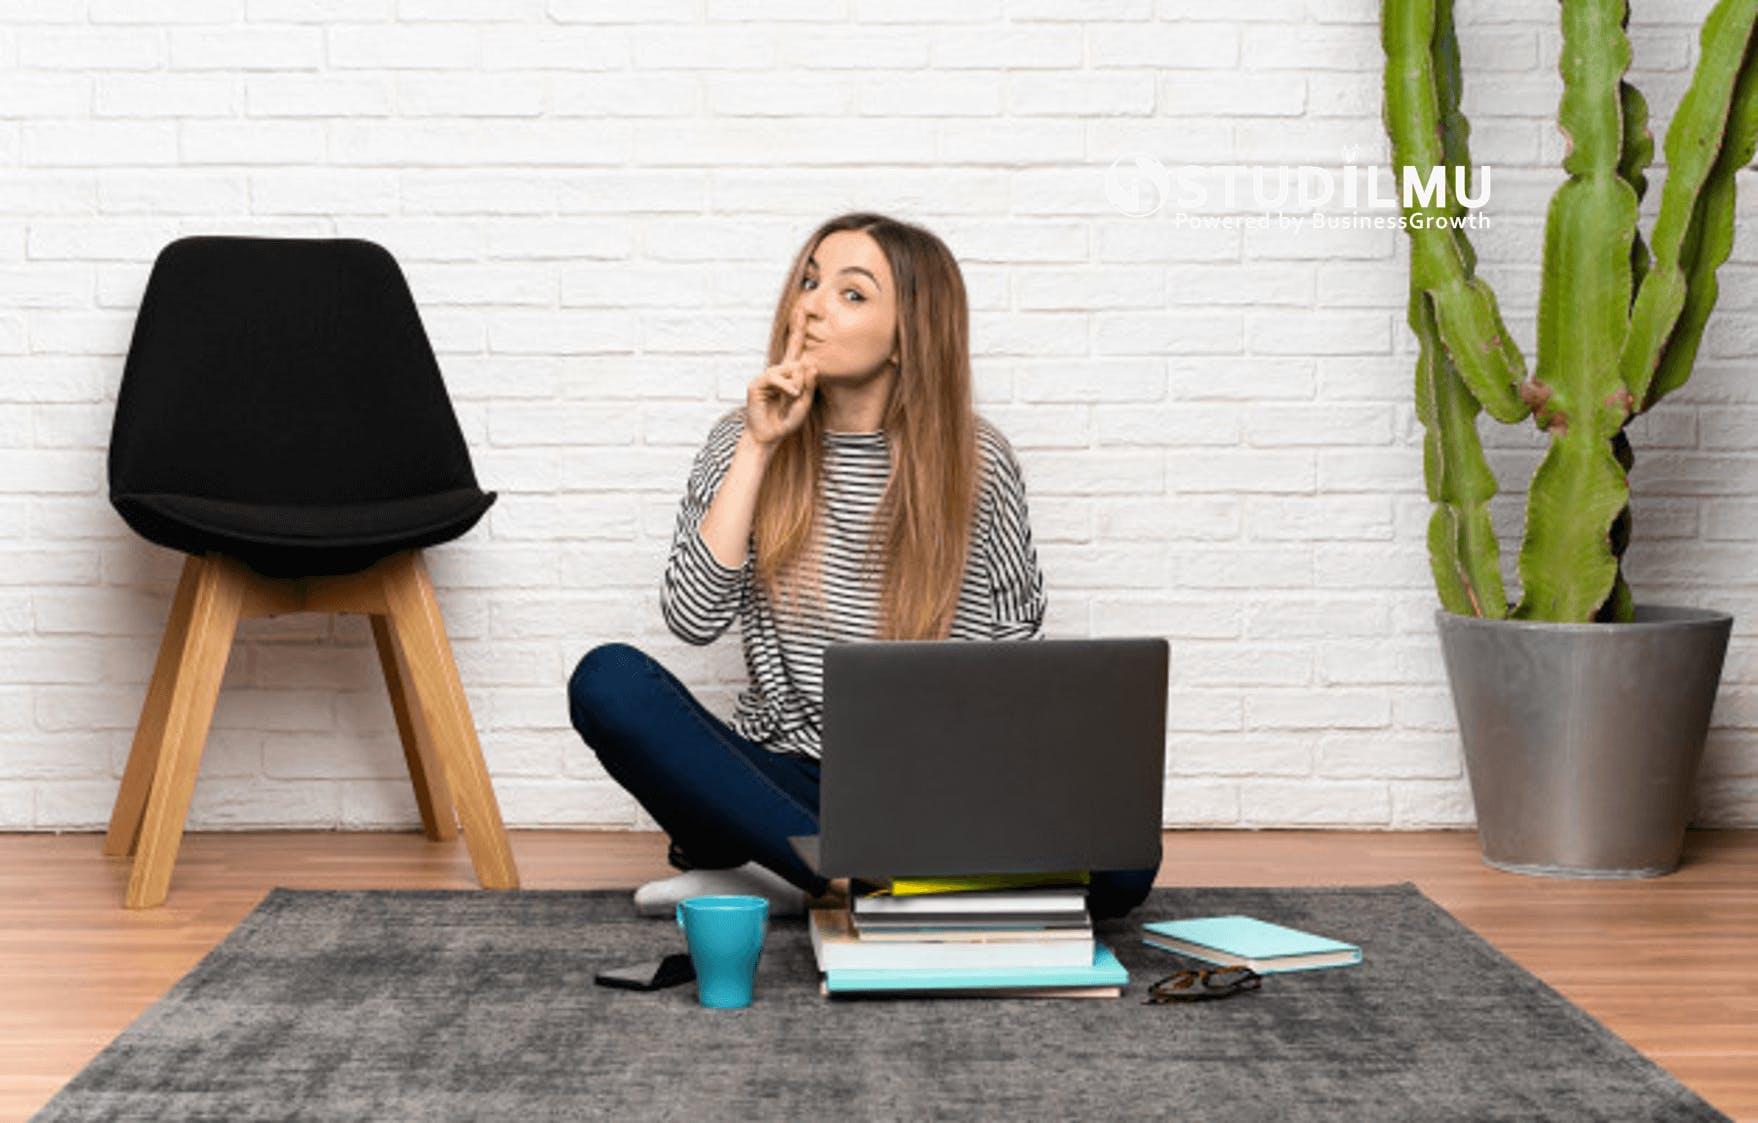 STUDILMU Career Advice - 3 Situasi Komunikasi yang Mengharuskan Kita Tutup Mulut